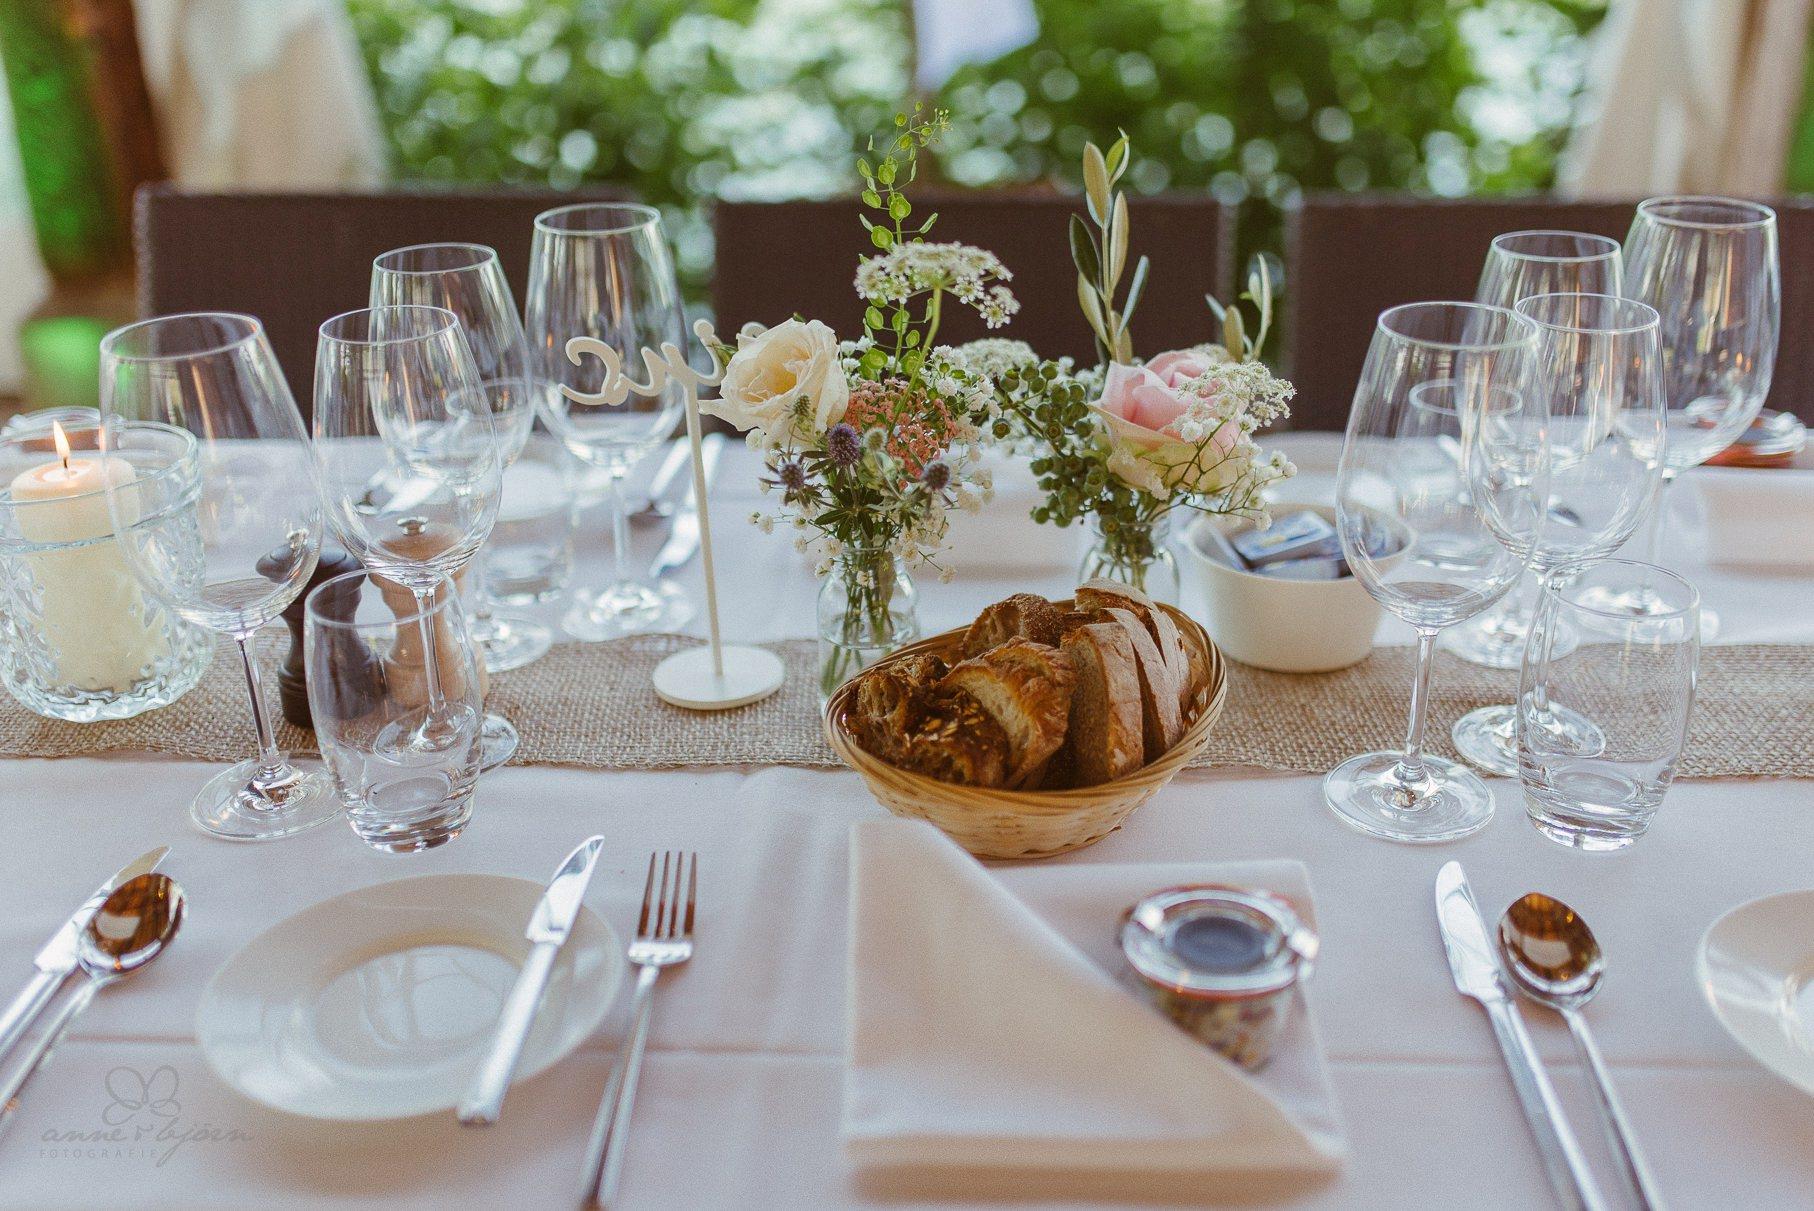 0111 anne und bjoern hochzeit schweiz d75 1640 - DIY Hochzeit in der Schweiz - Sabrina & Christoph